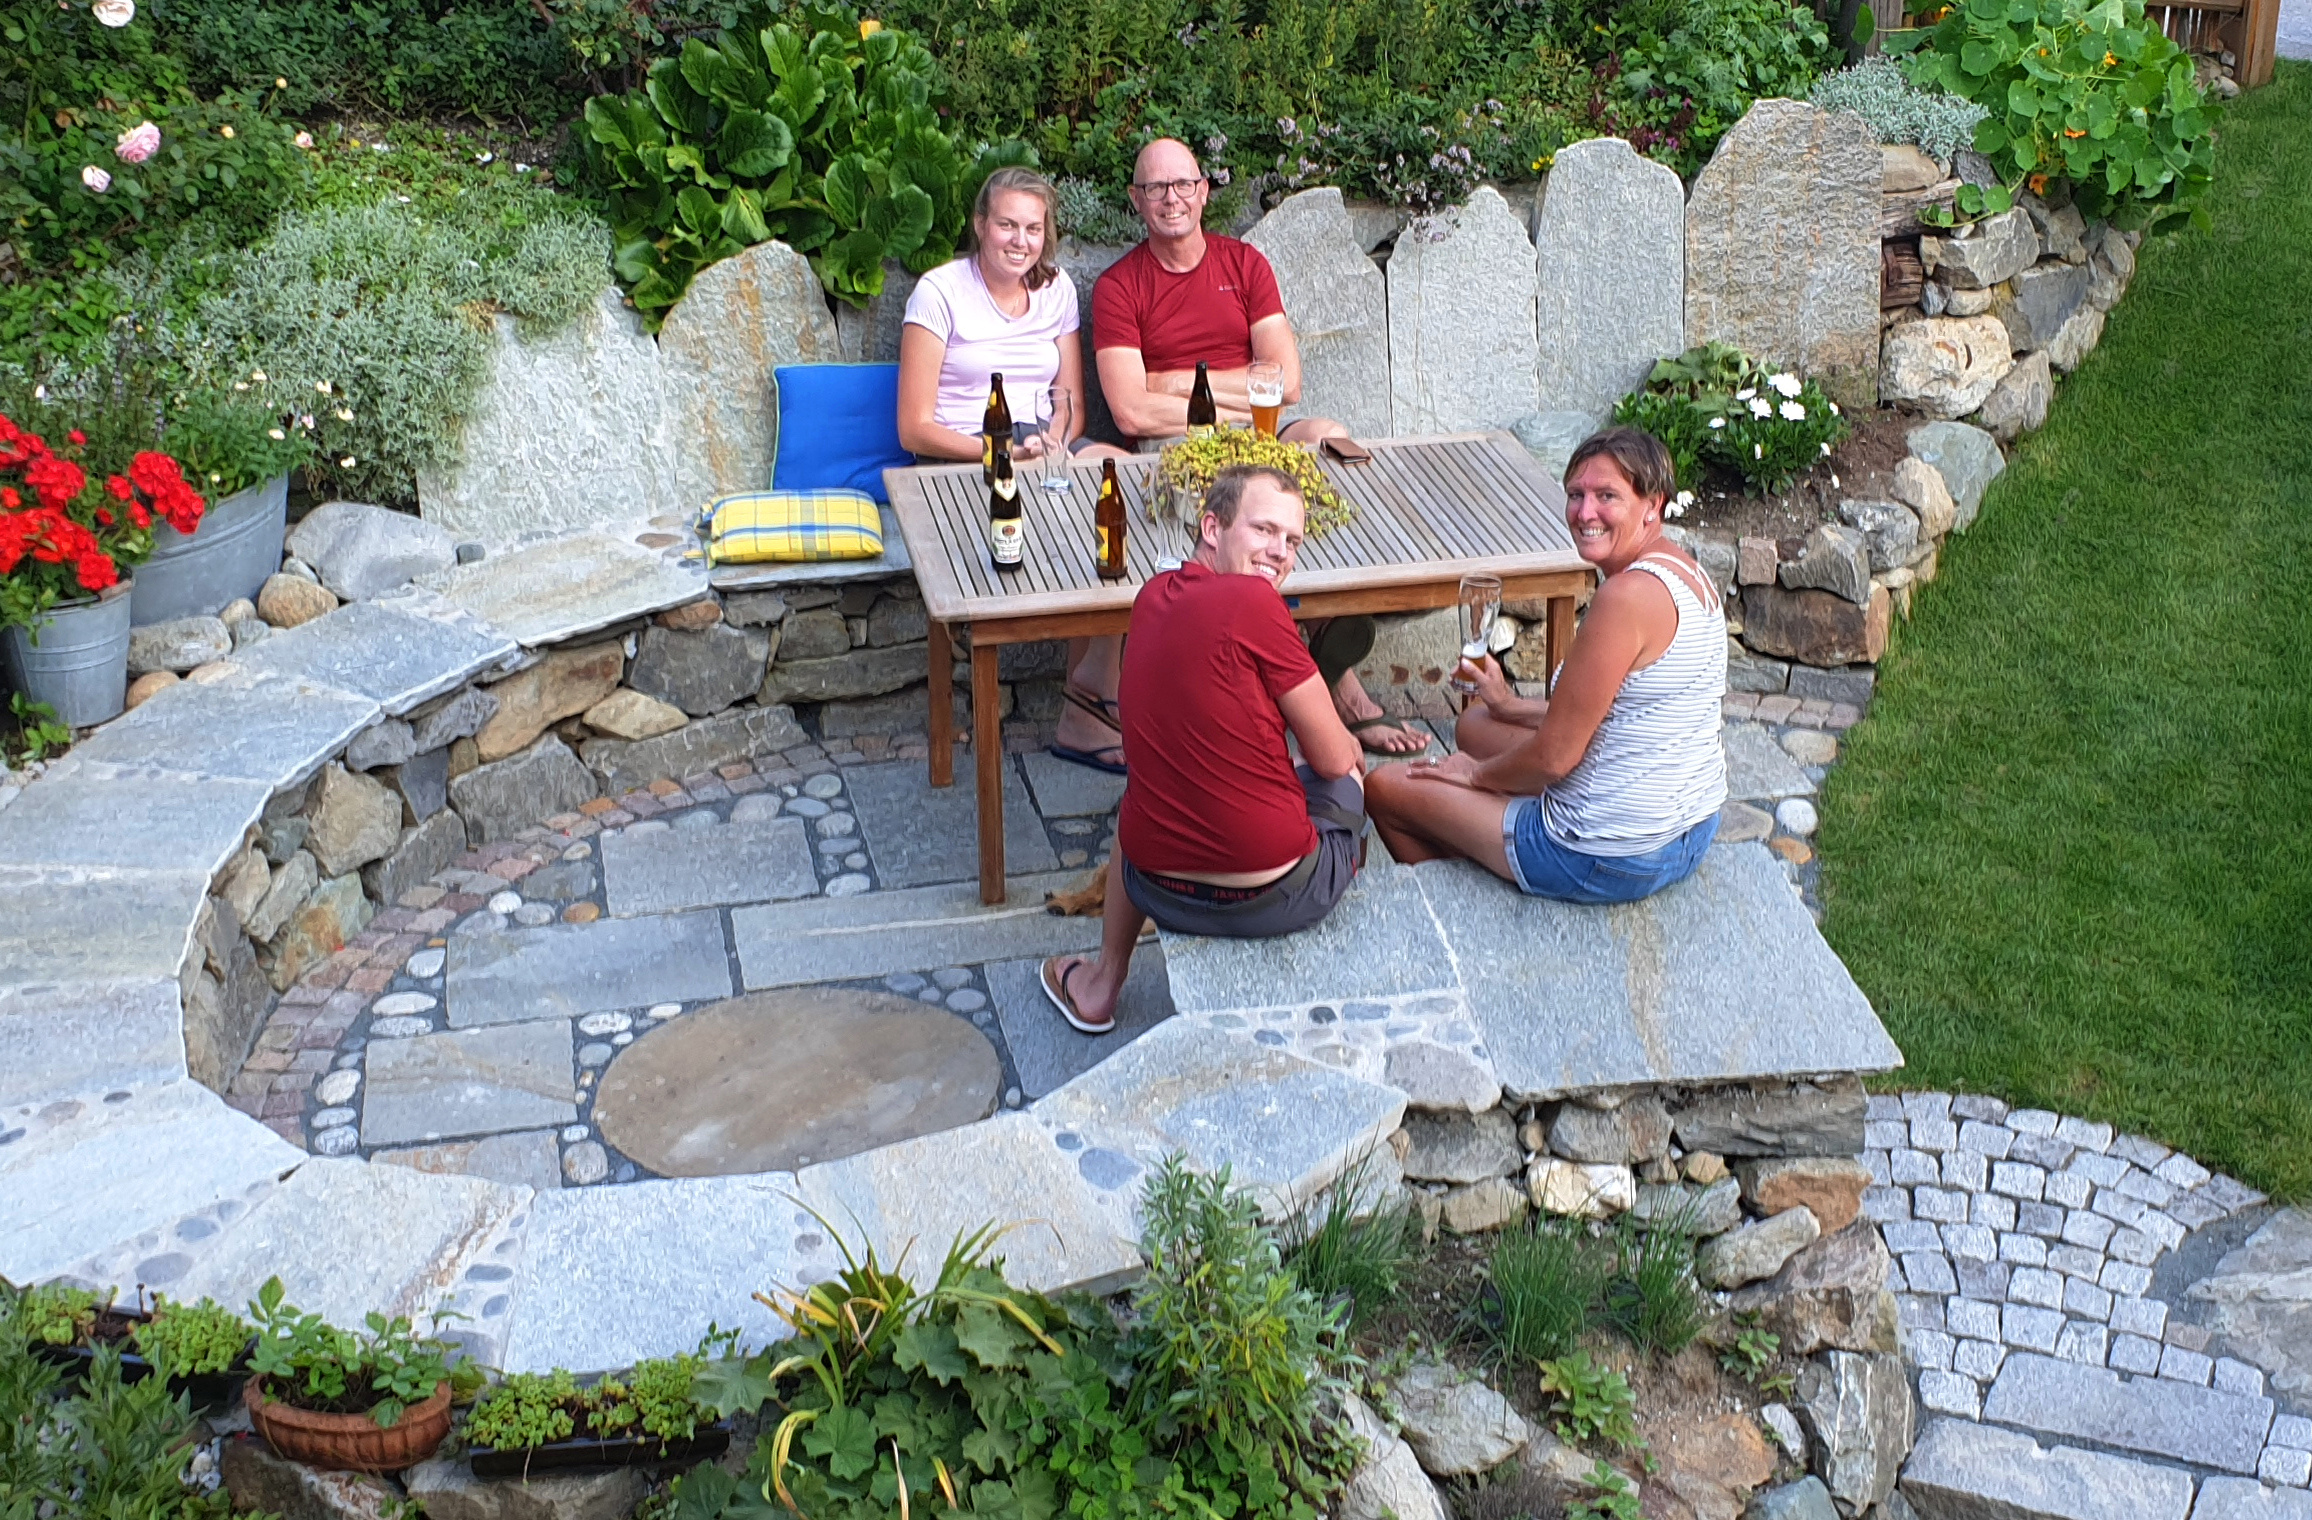 Sitzplatz im Garten